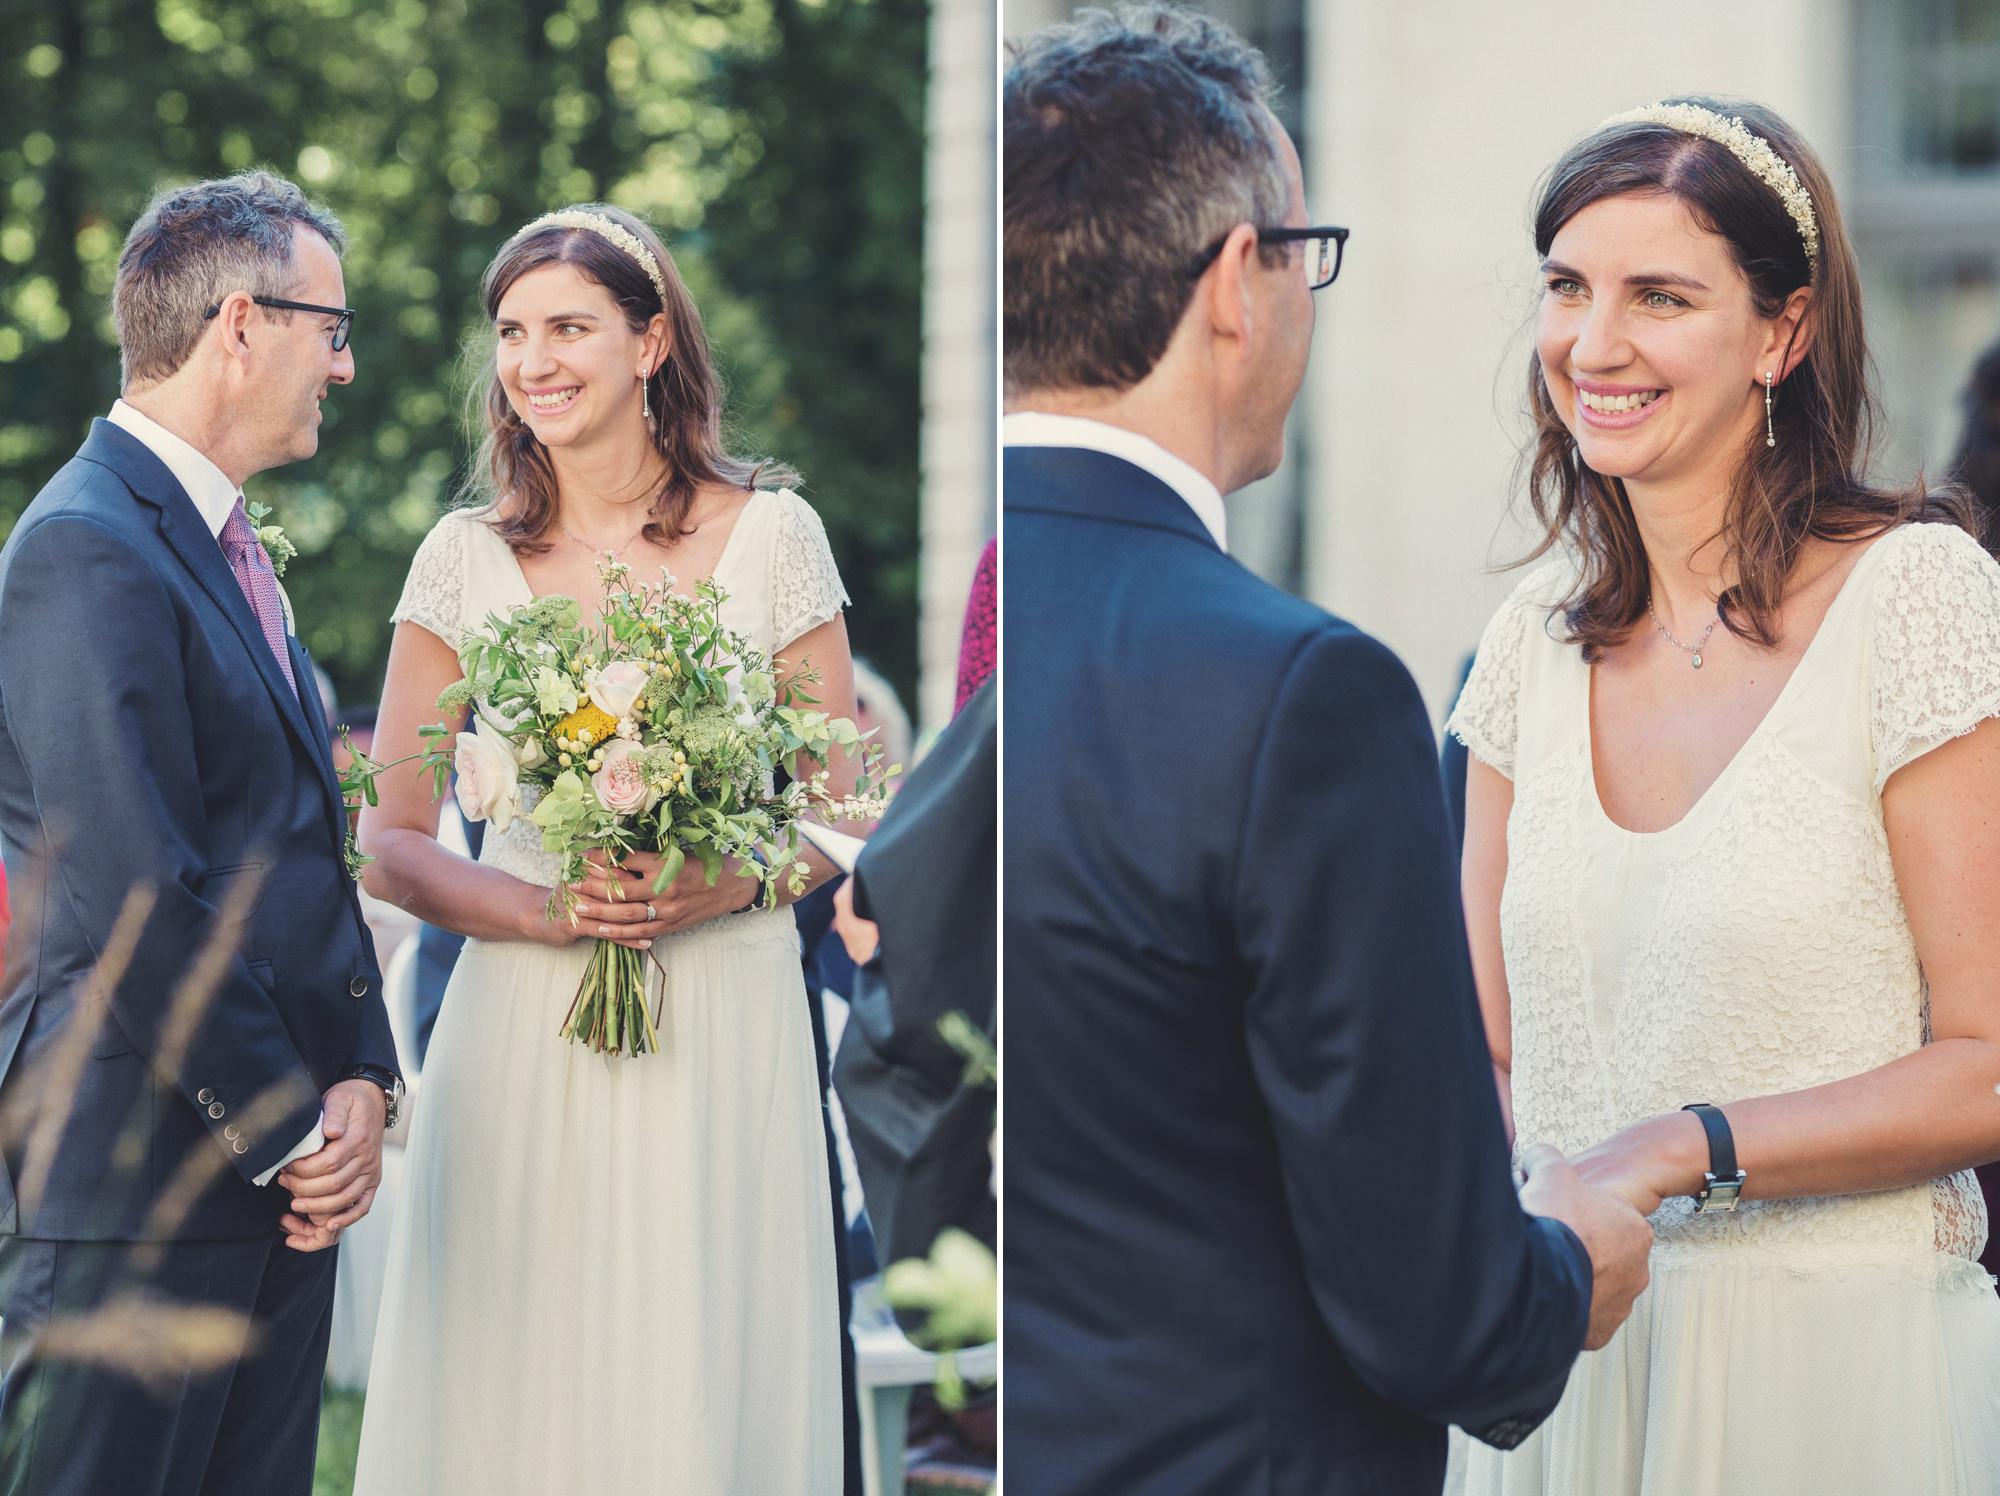 Mariage au Chateau d'Ermenonville@Anne-Claire Brun 45